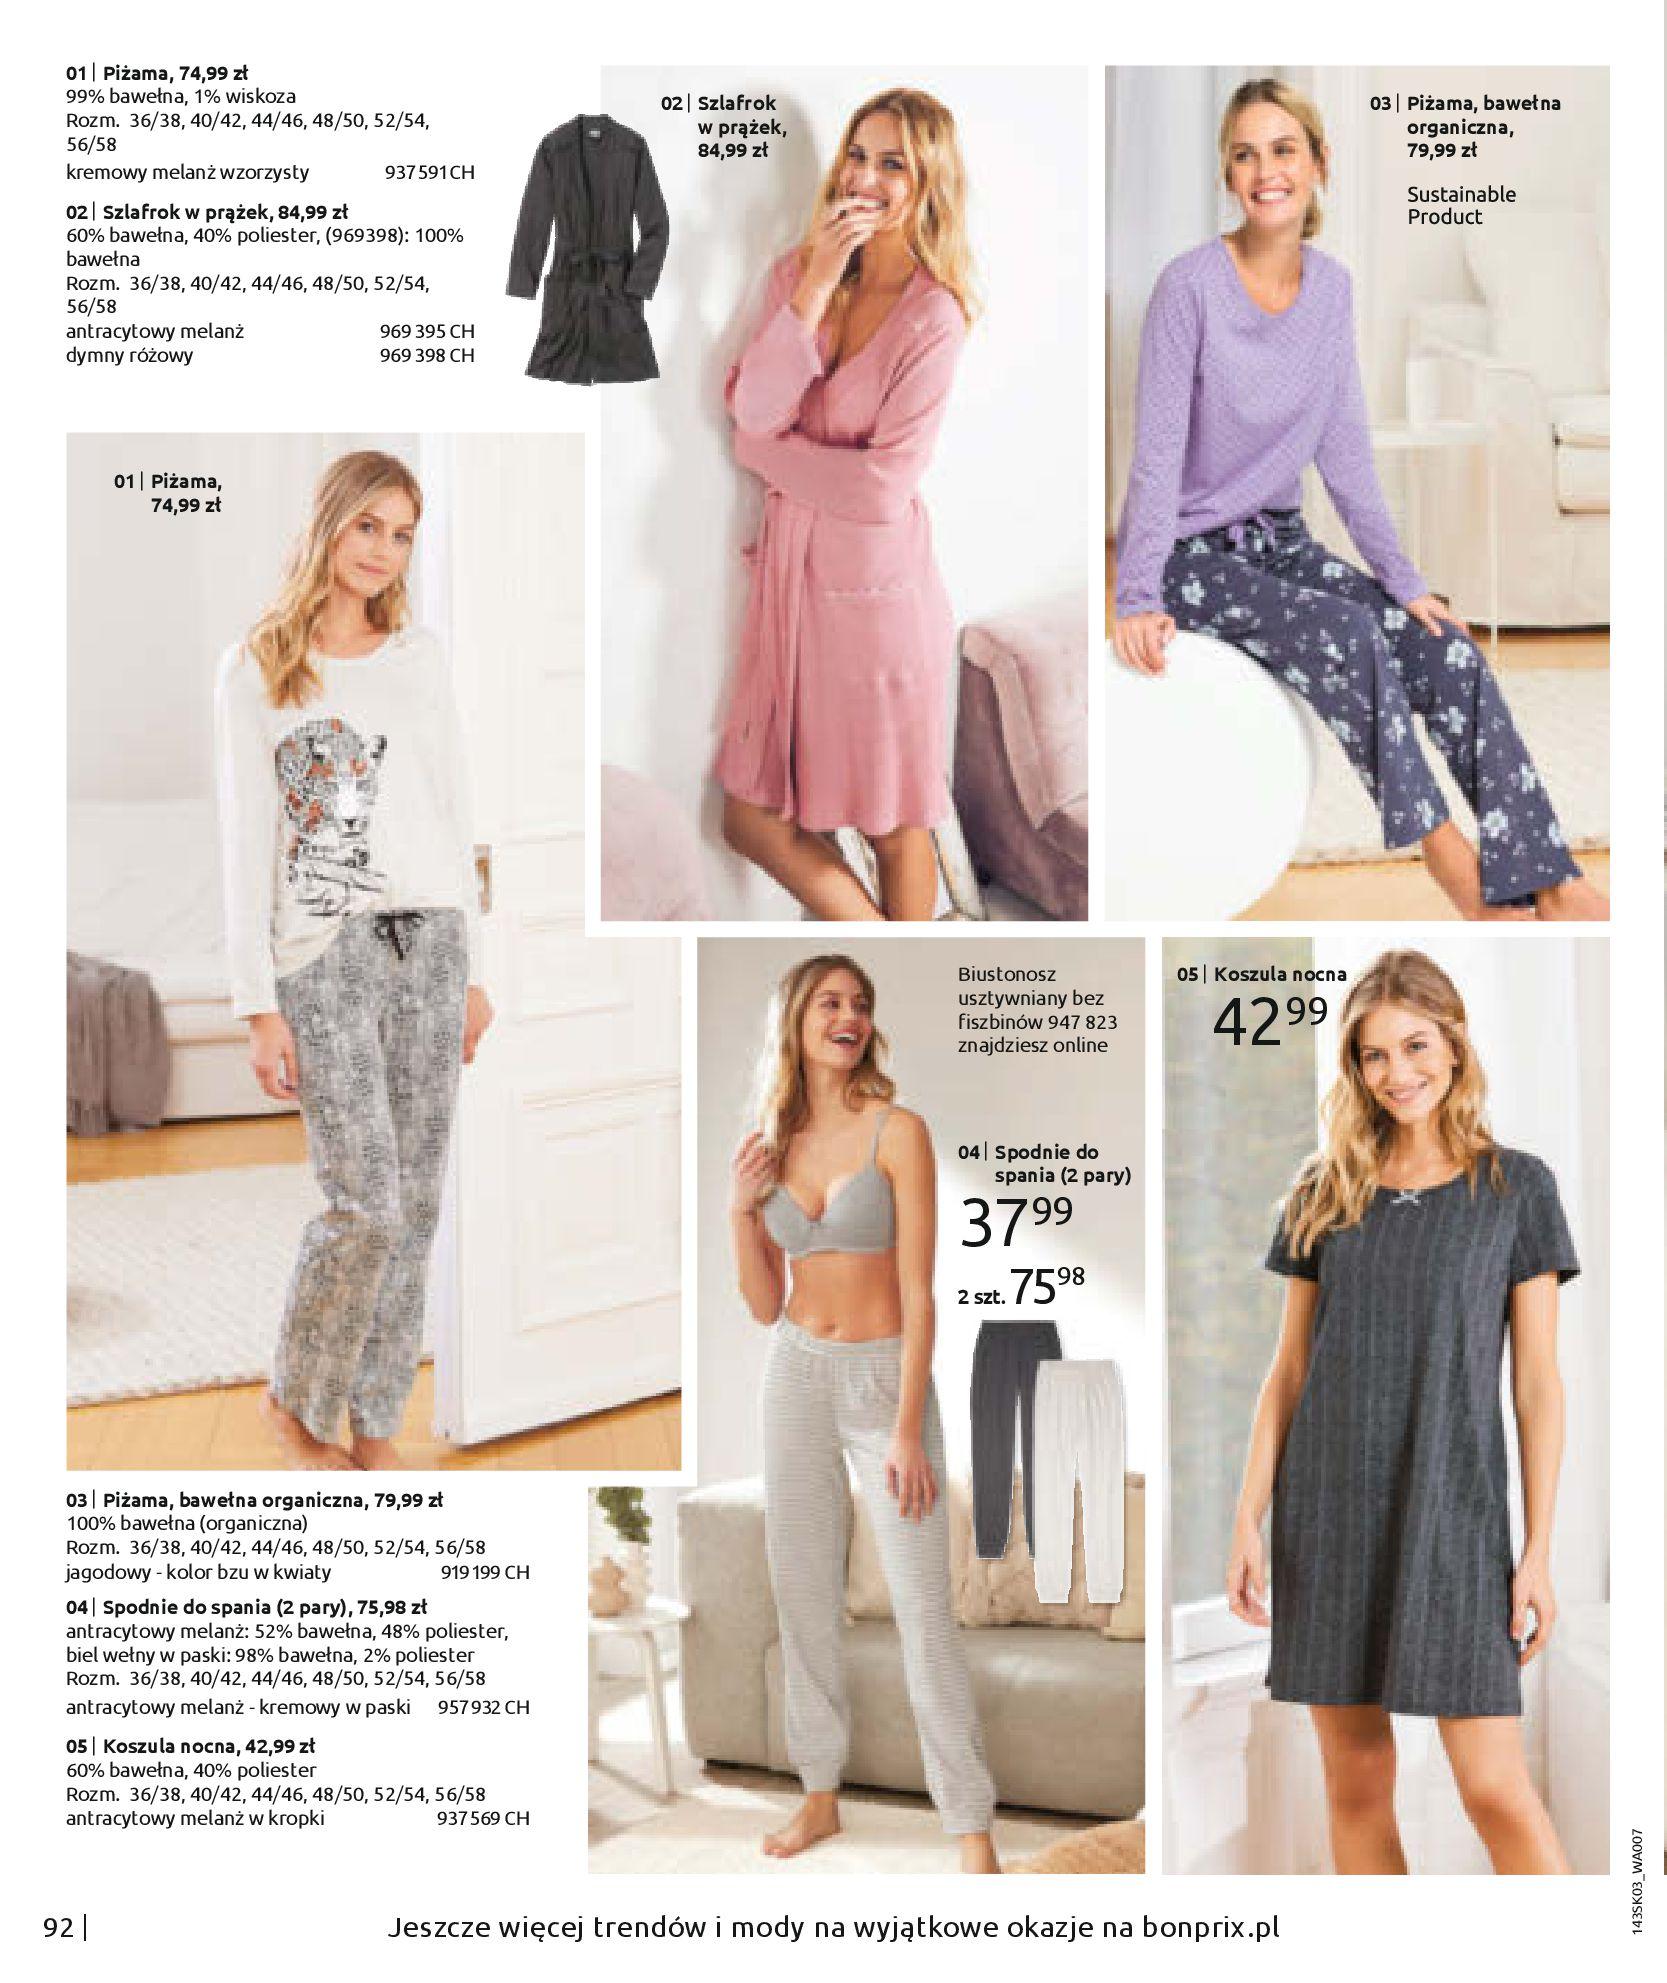 Gazetka Bonprix: Wiosenna moda 2021-03-05 page-94